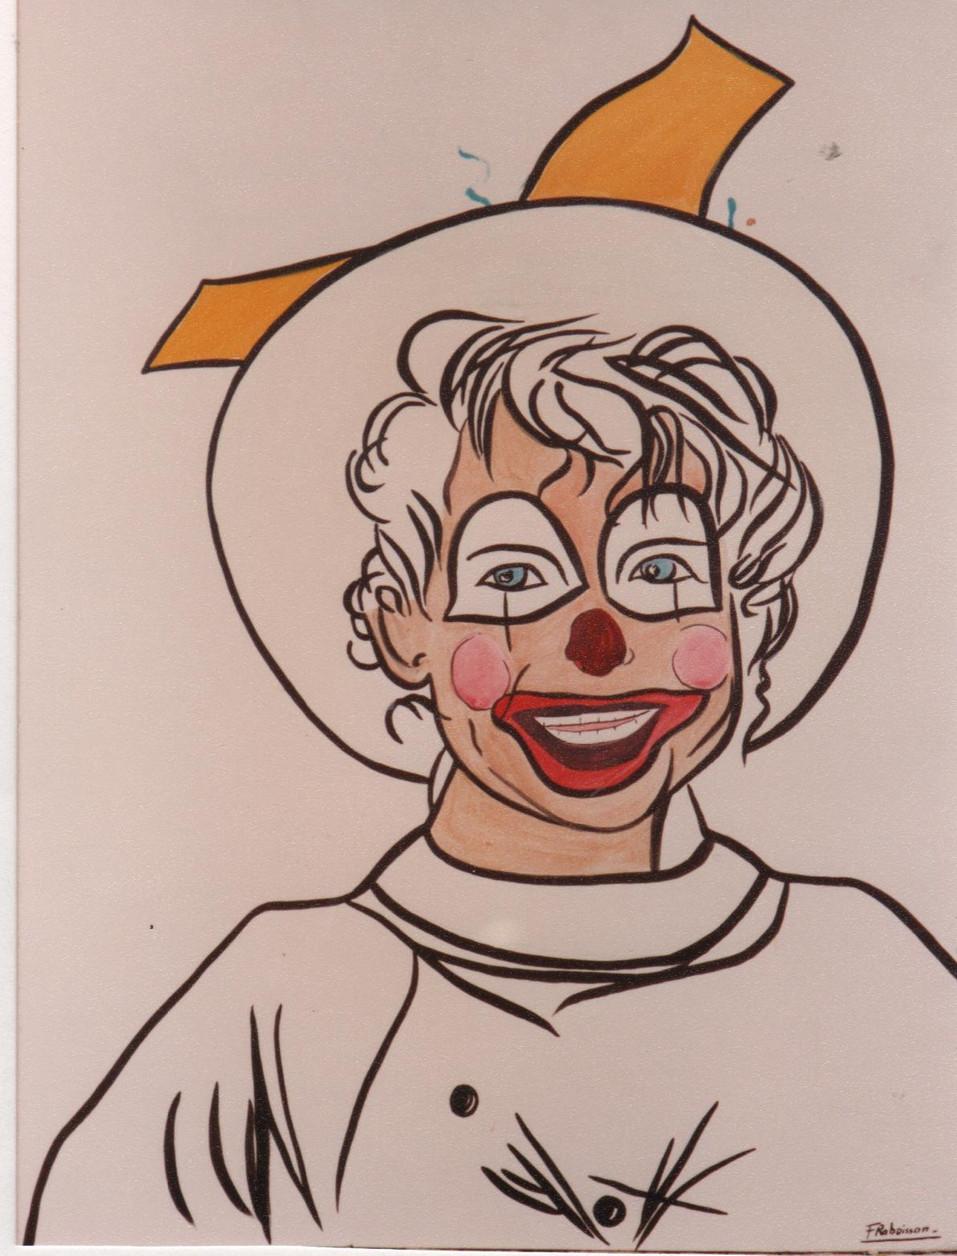 1990 Yann clown